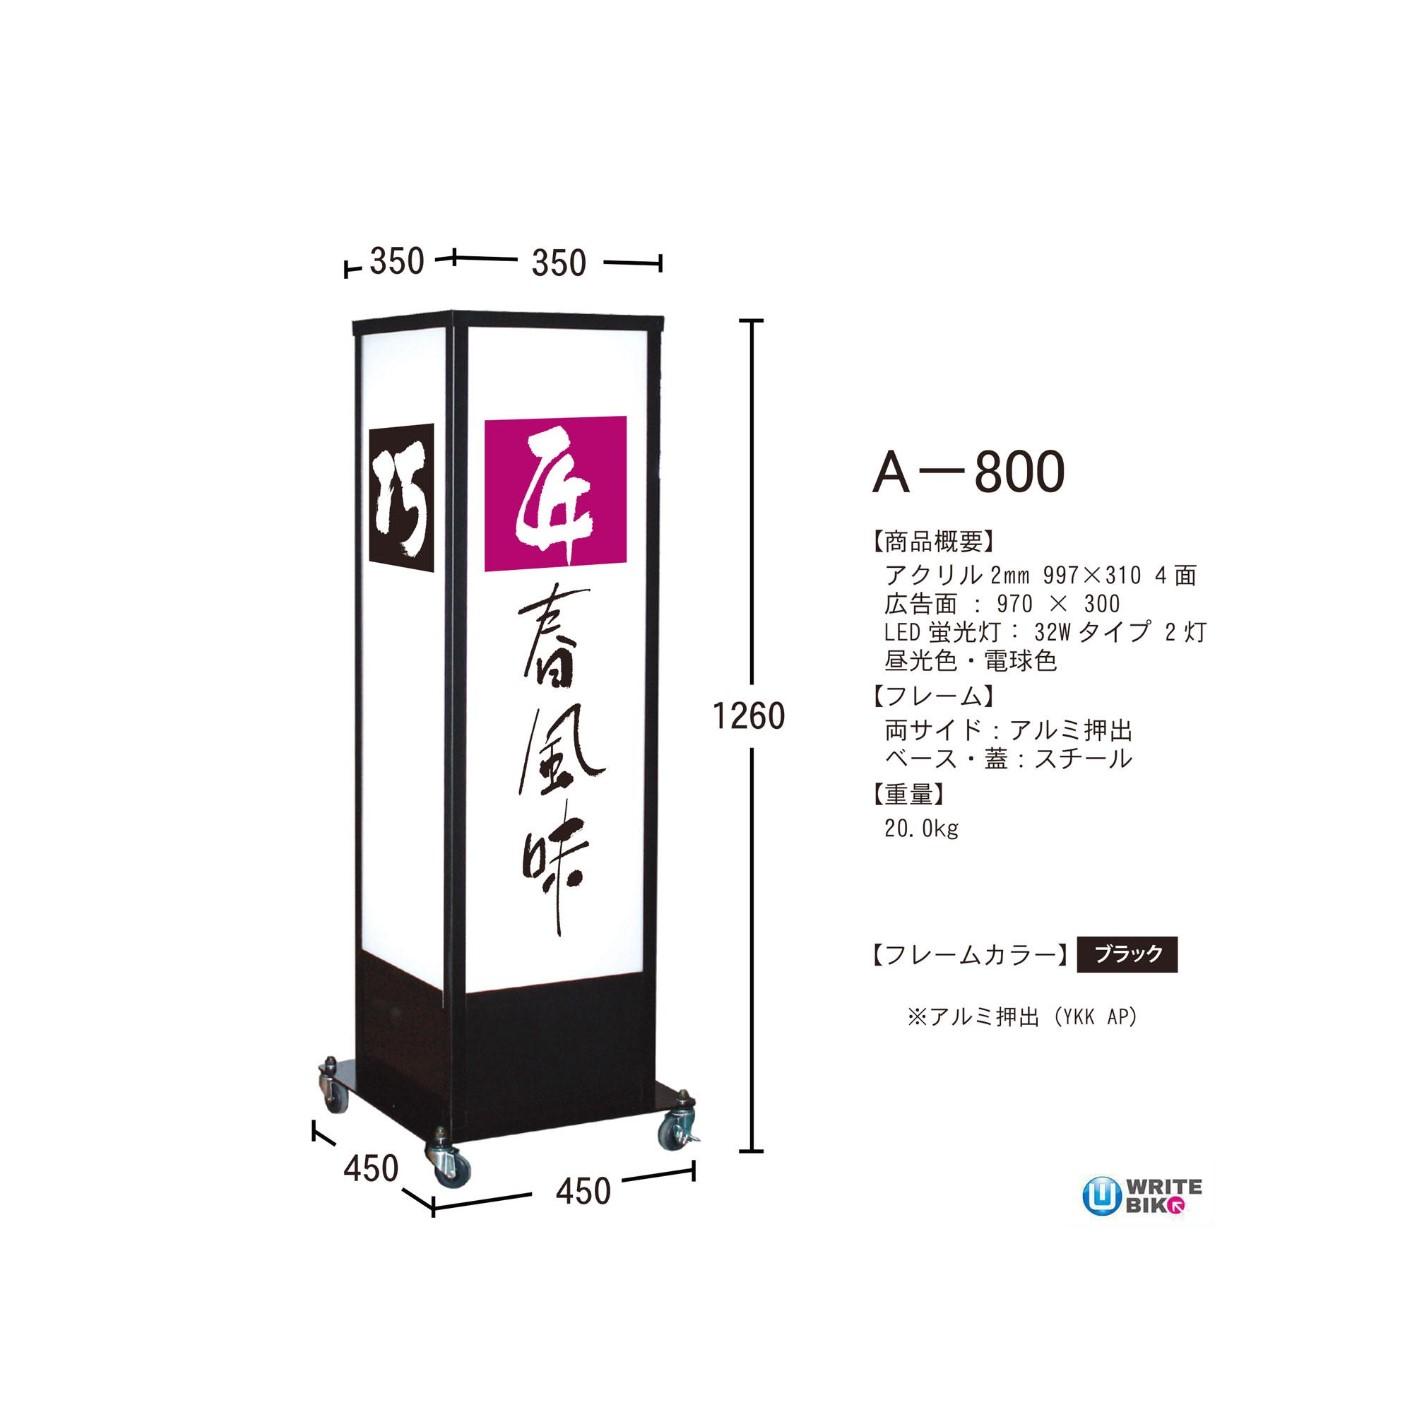 和風看板のA-800